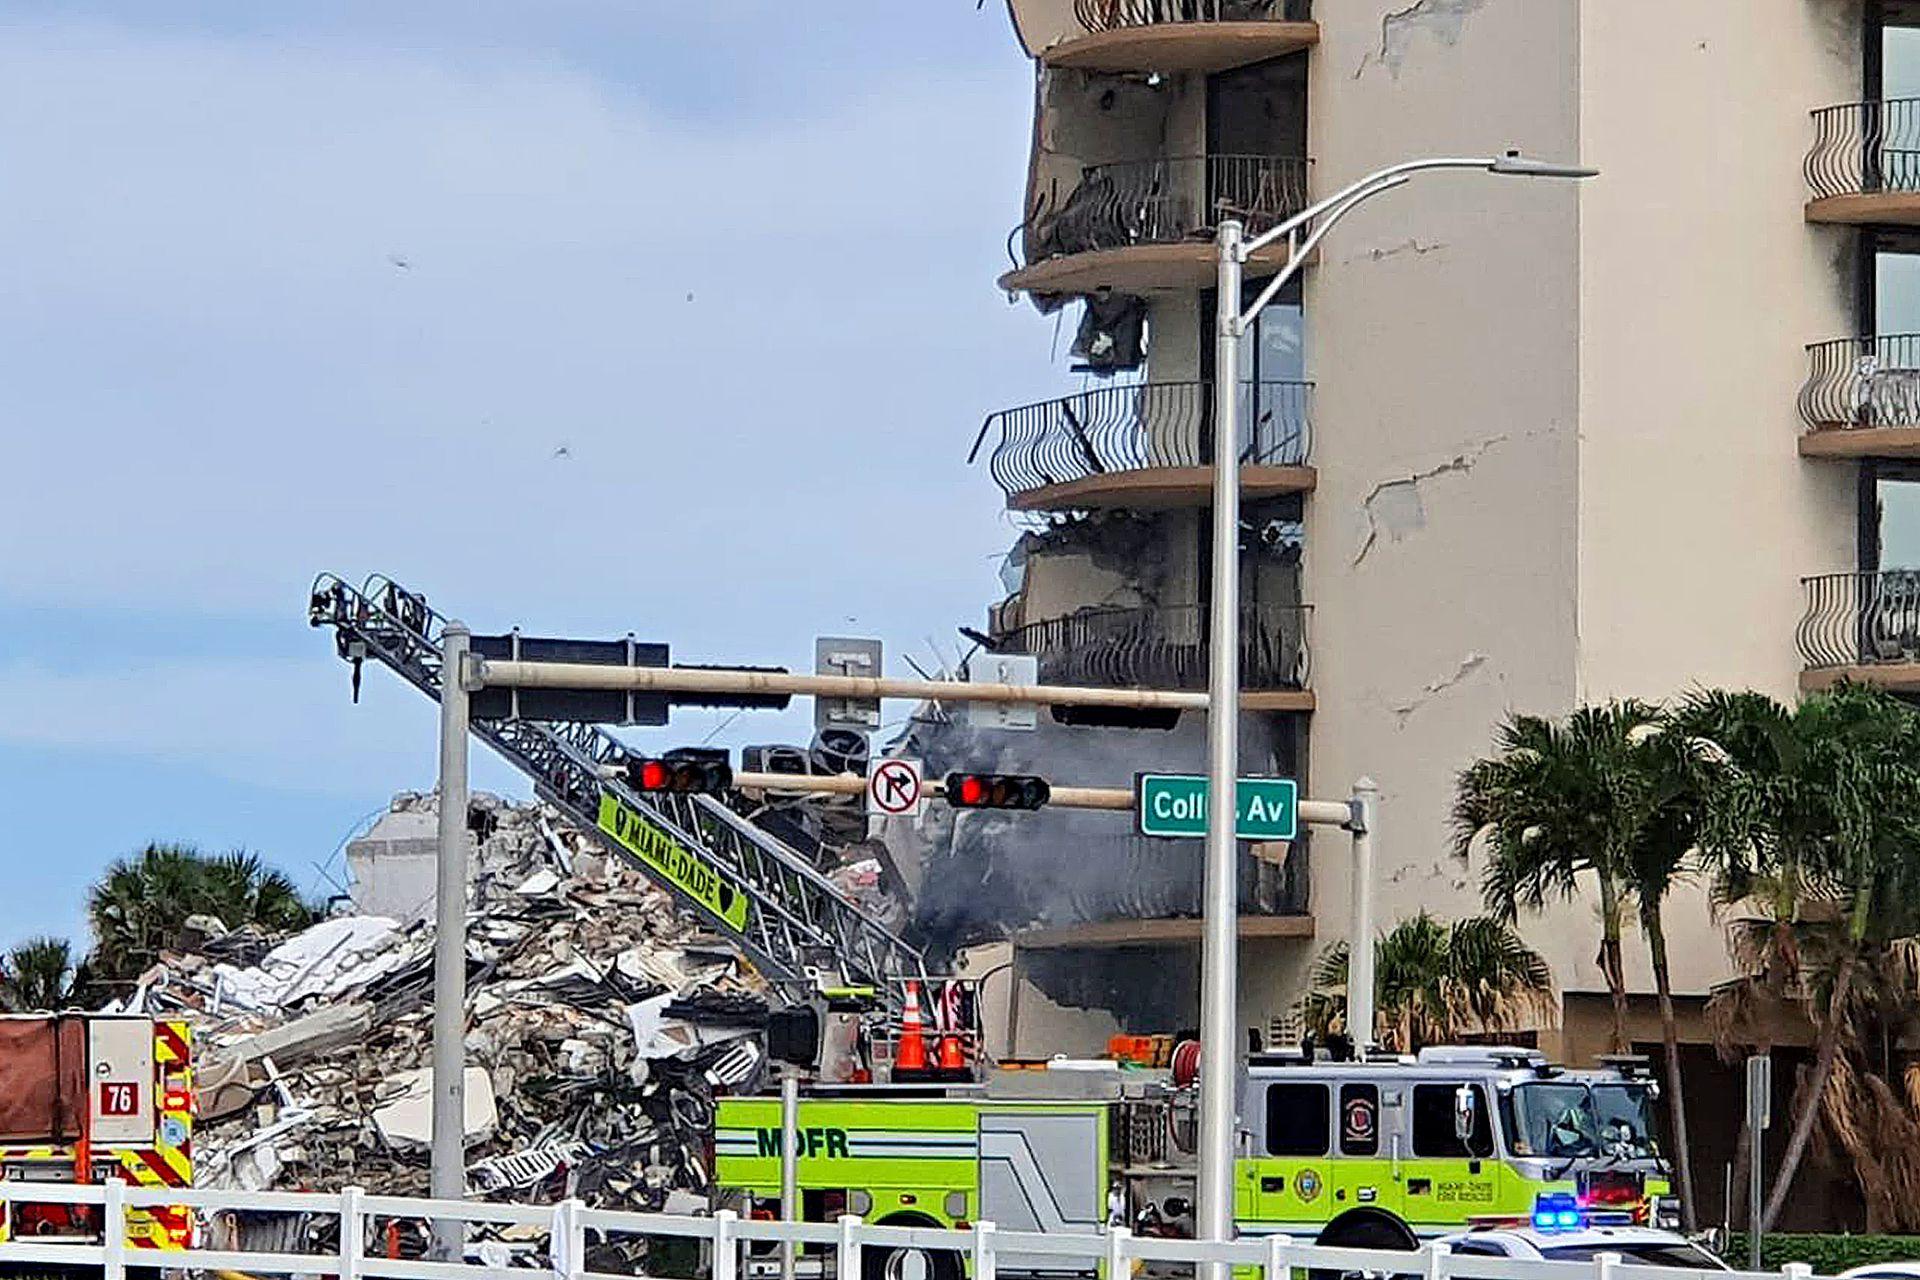 Tareas de rescate en el edificio derrumbado de Miami-Dade